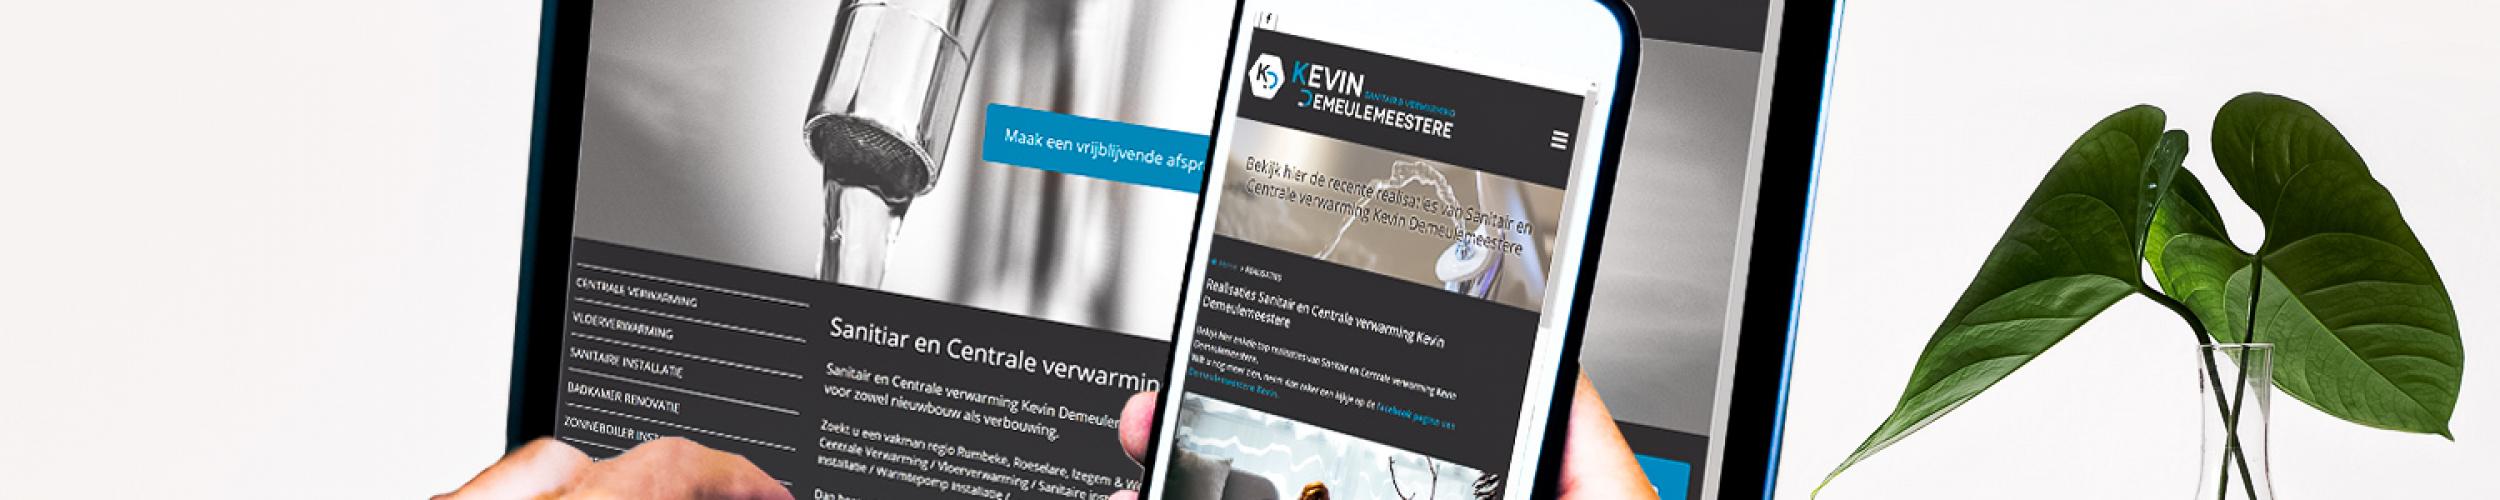 Makkelijke website, duidelijke website en snelle website voor loodgieters en vakmannen in sanitair en centrale verwarming